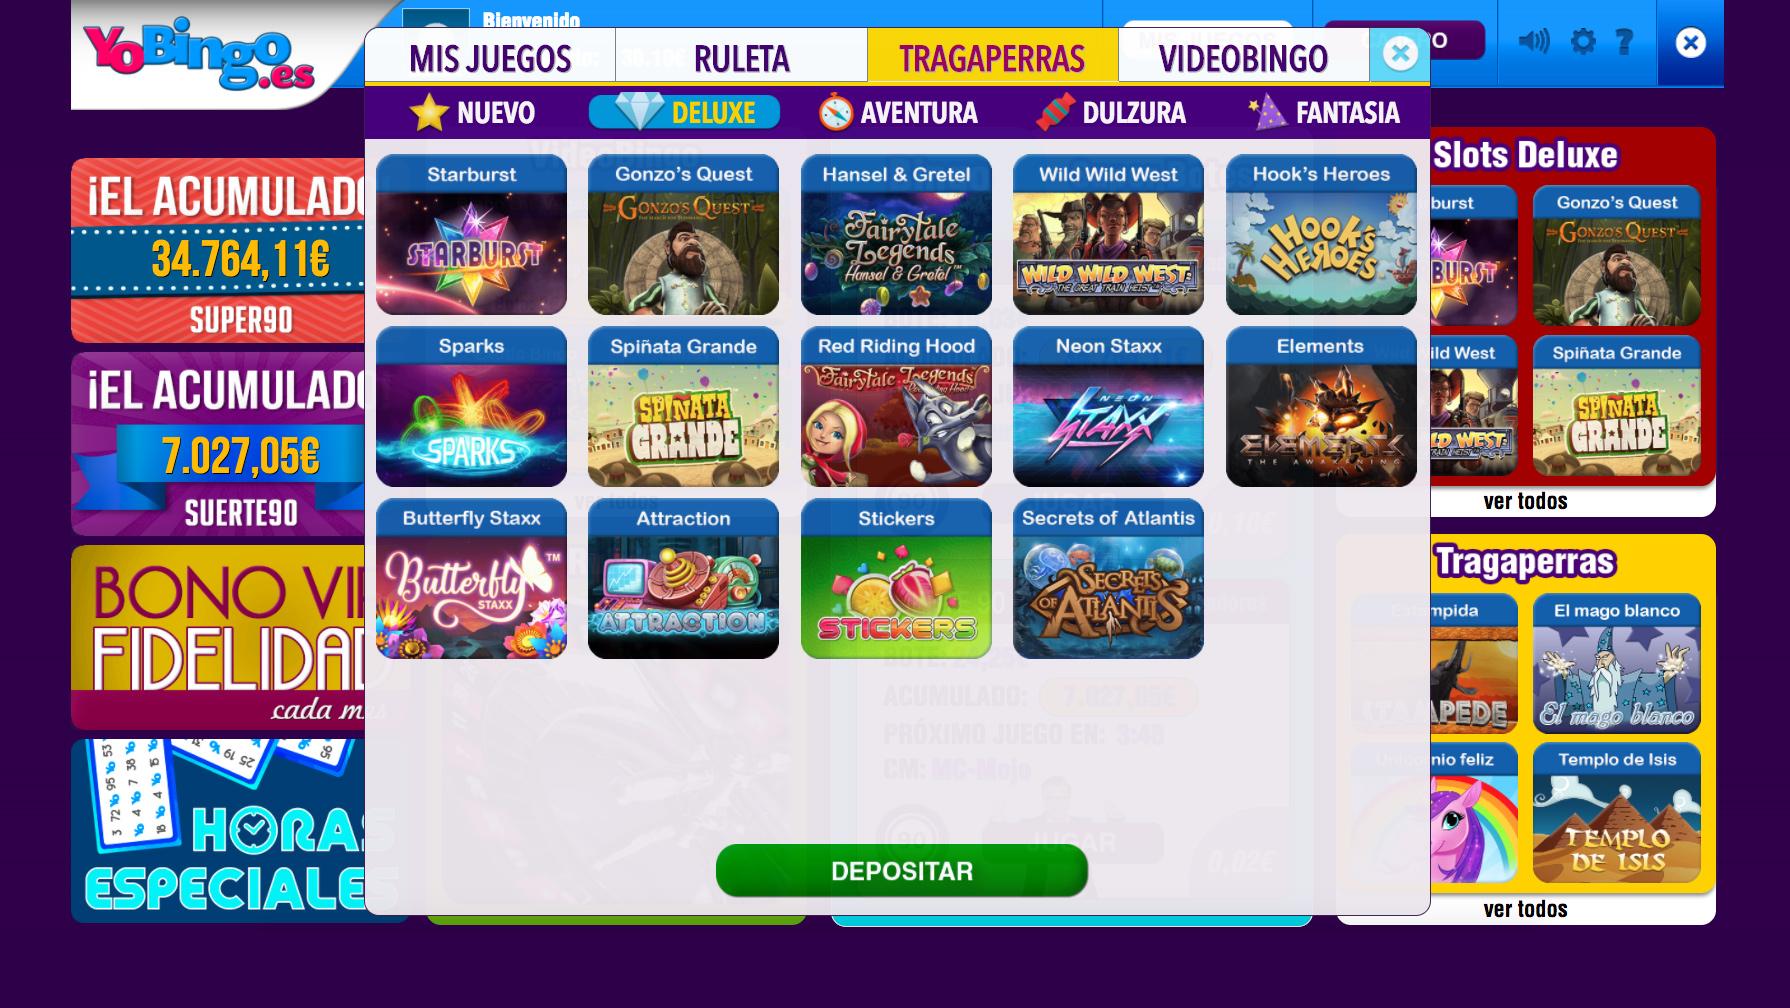 Club Gold casino fallas comunes en tragamonedas - 51477